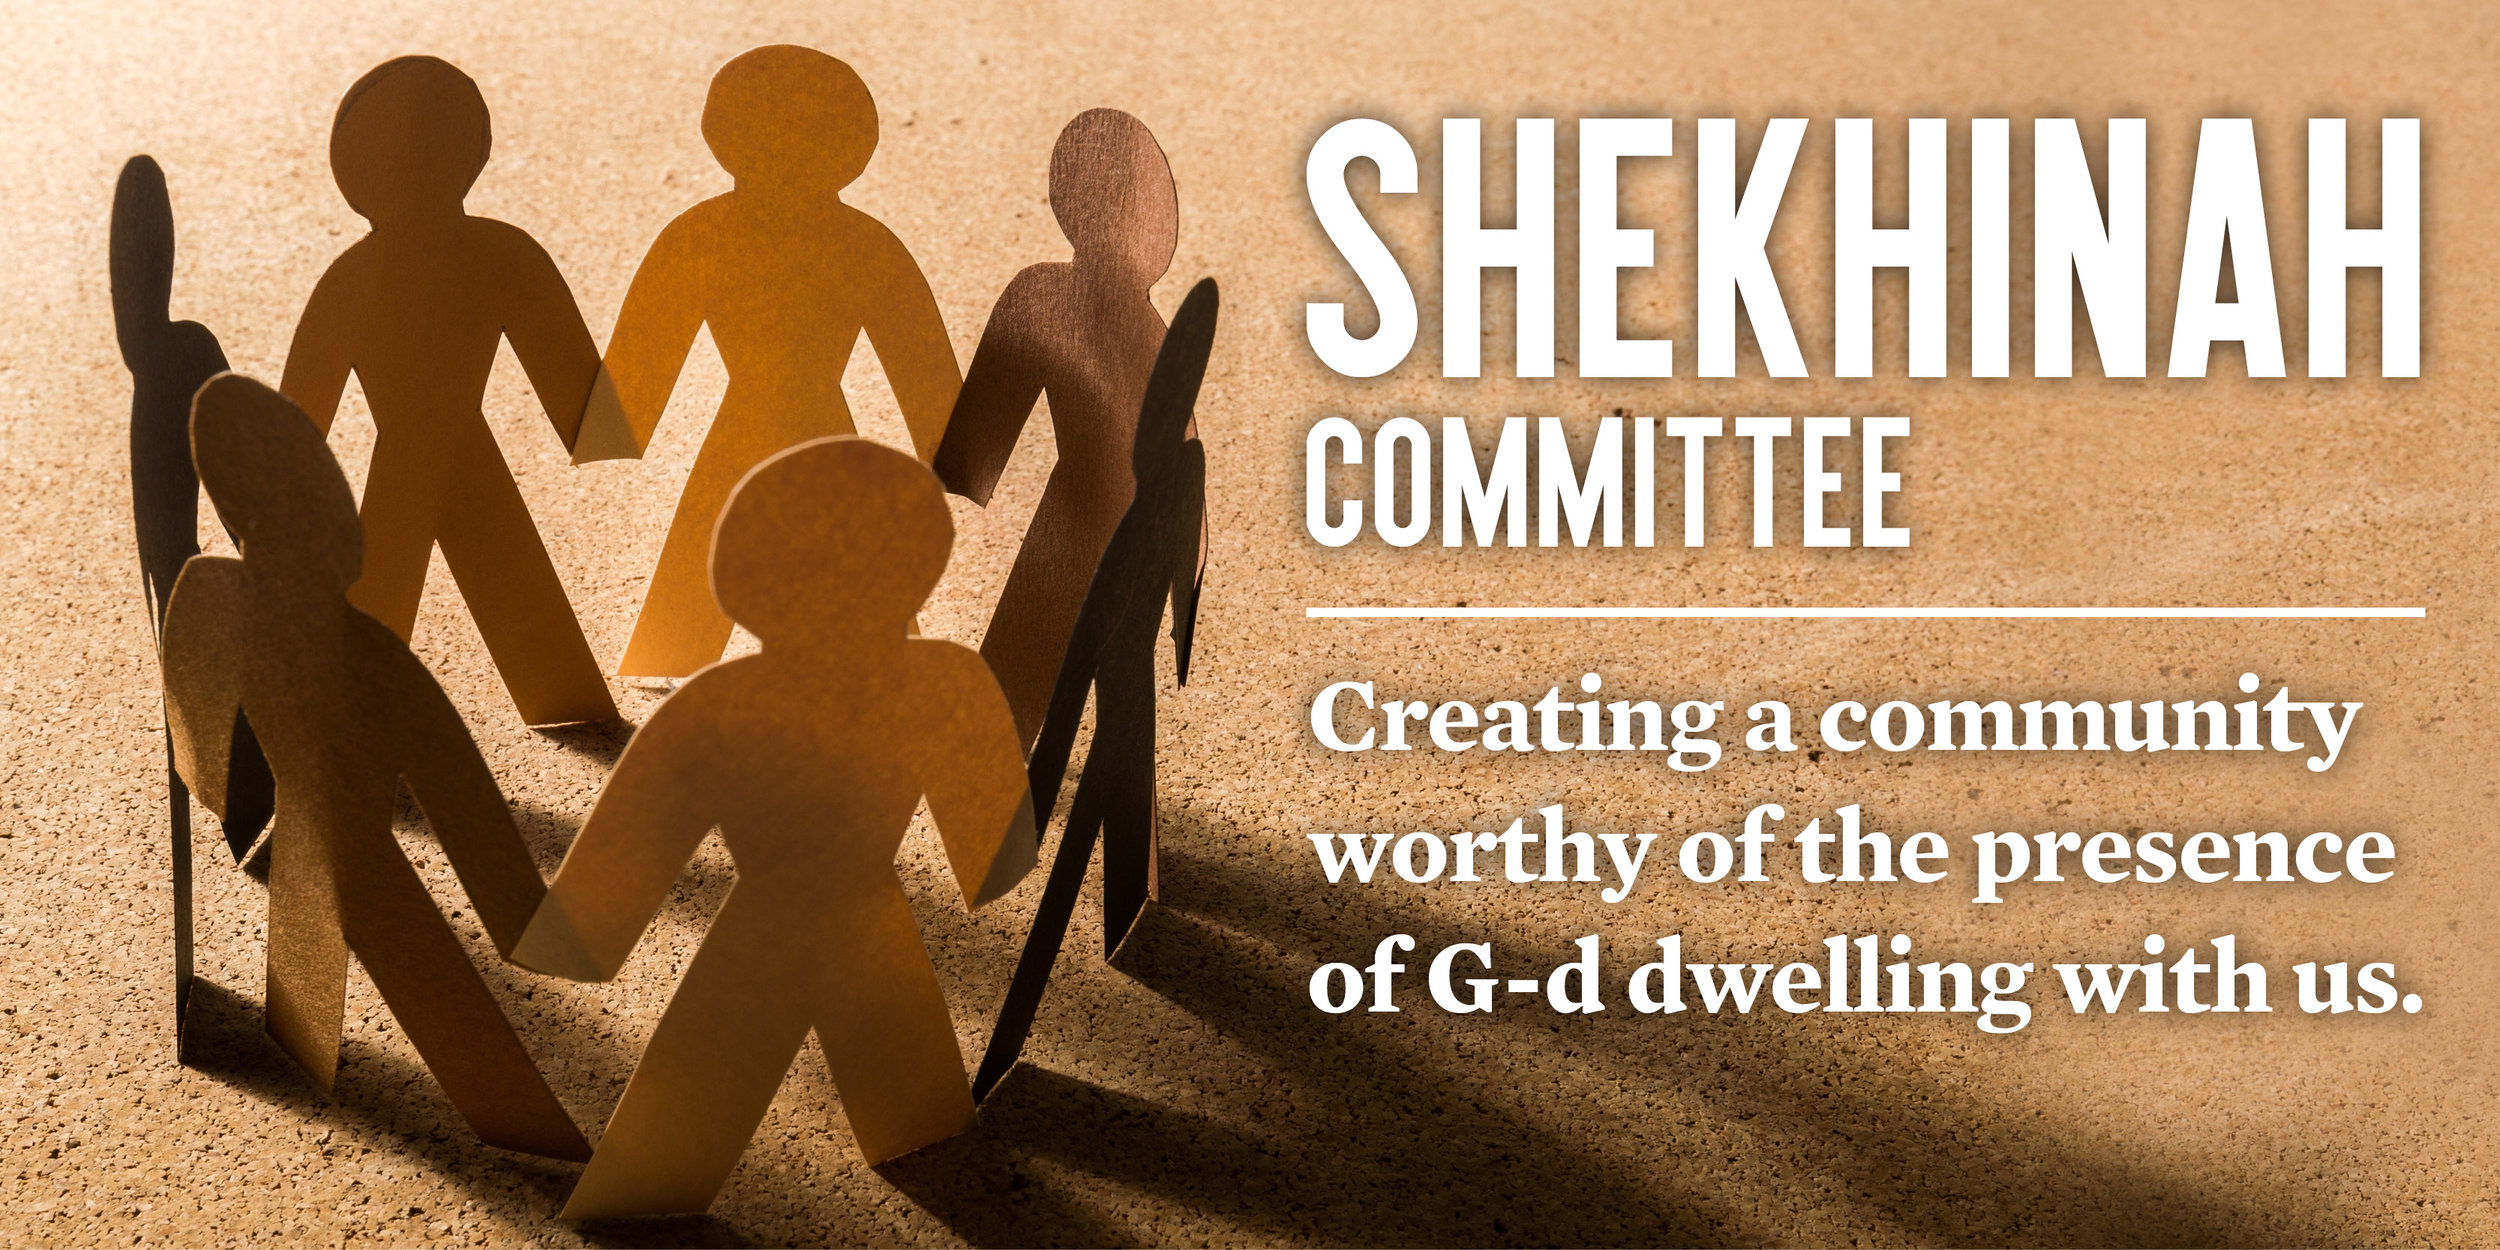 Shekinah Graphic.jpg